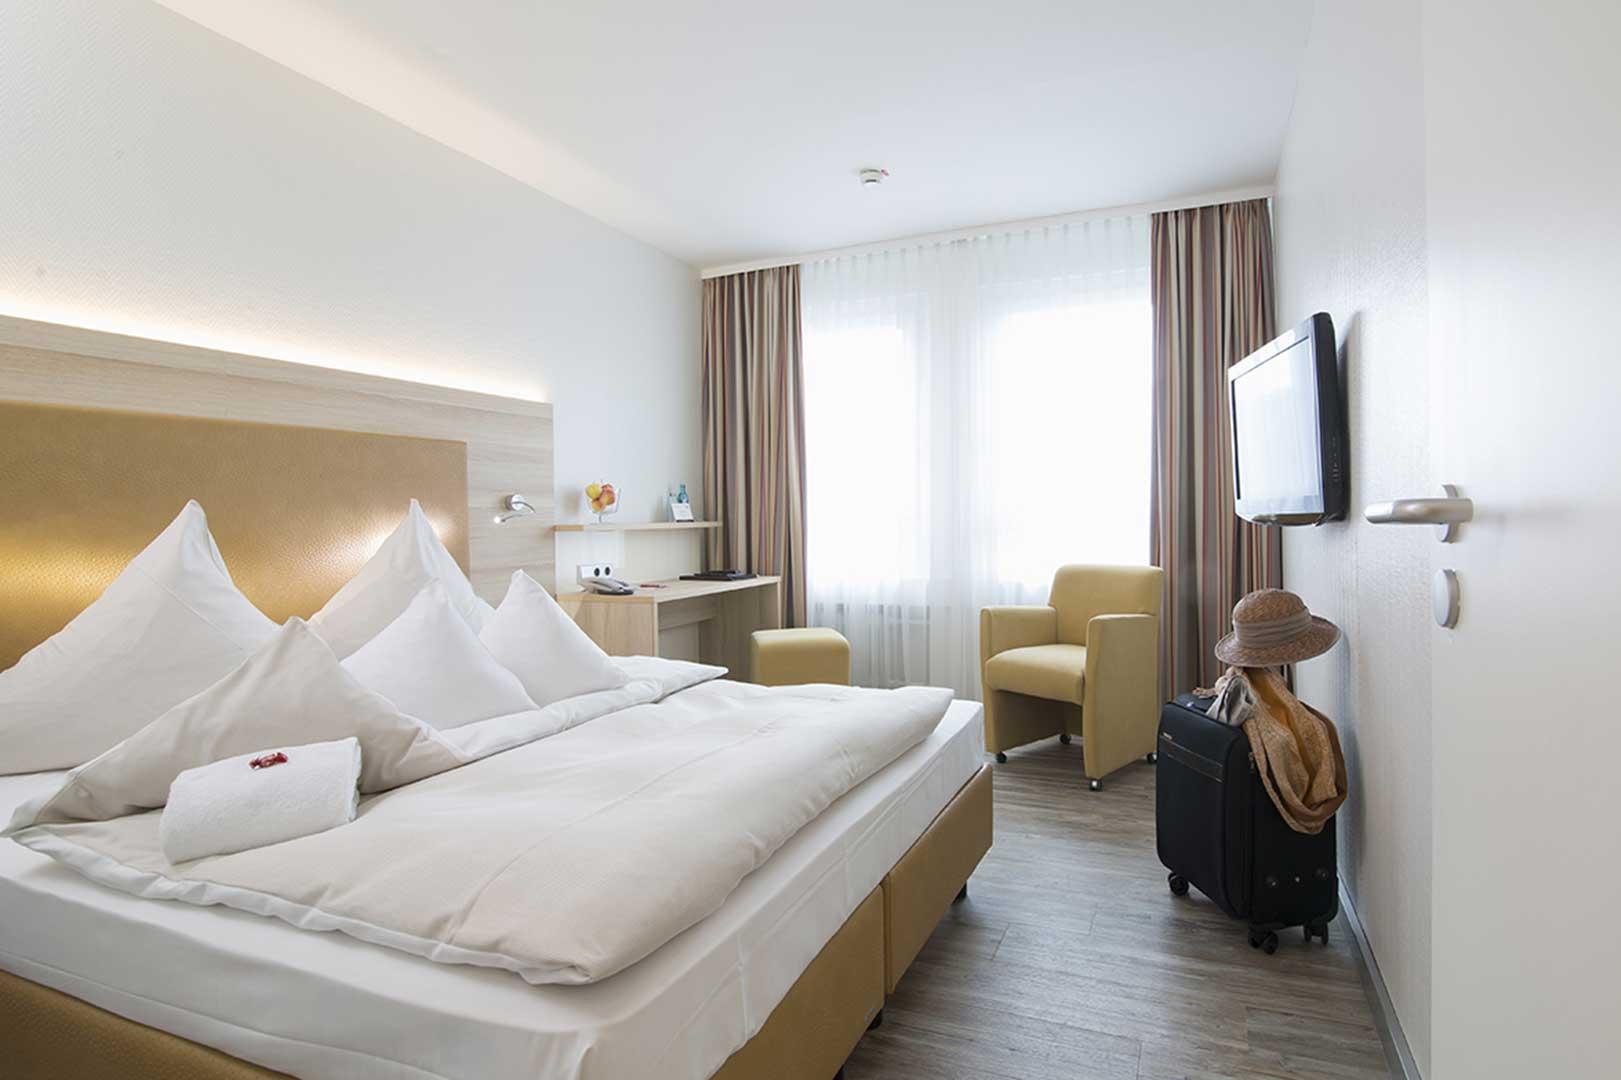 zimmer ausstattung concorde hotel am leineschloss. Black Bedroom Furniture Sets. Home Design Ideas